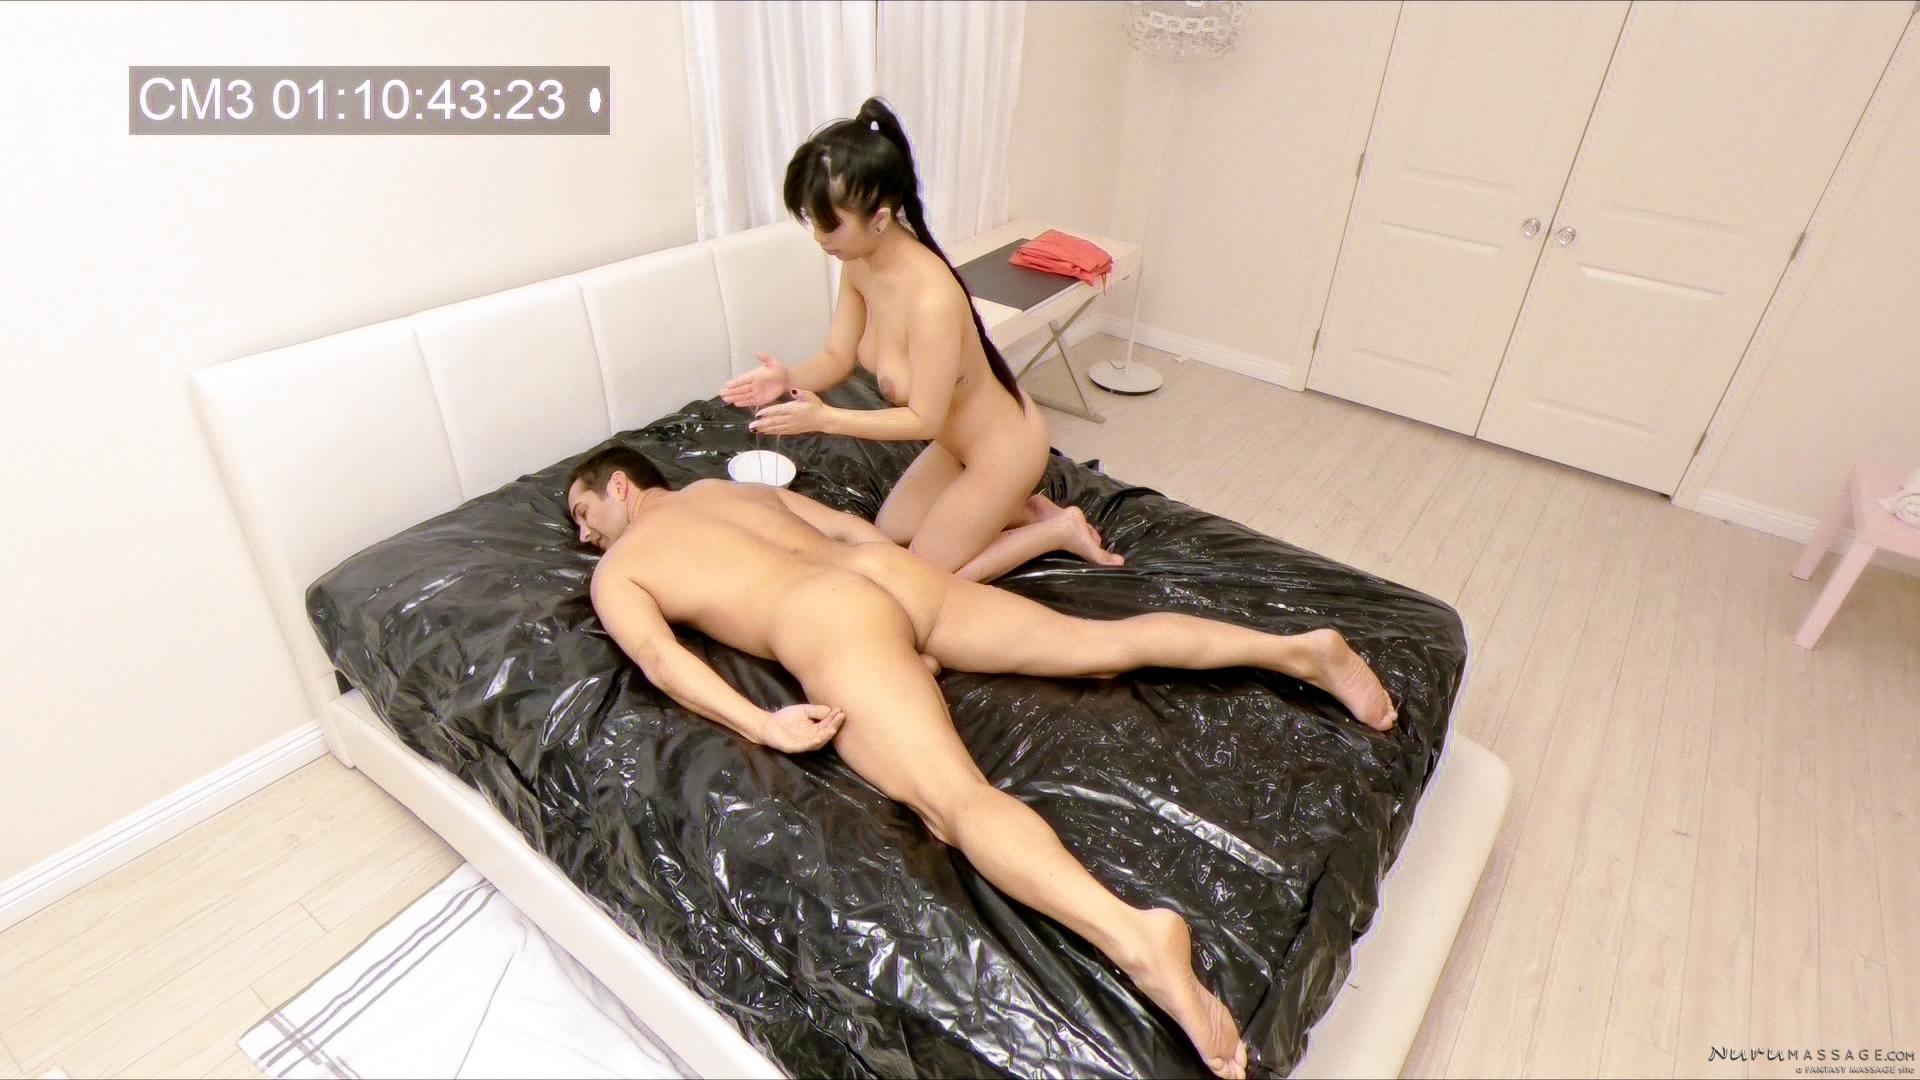 Asian porn photos. Gallery № 1527. Photo - 3